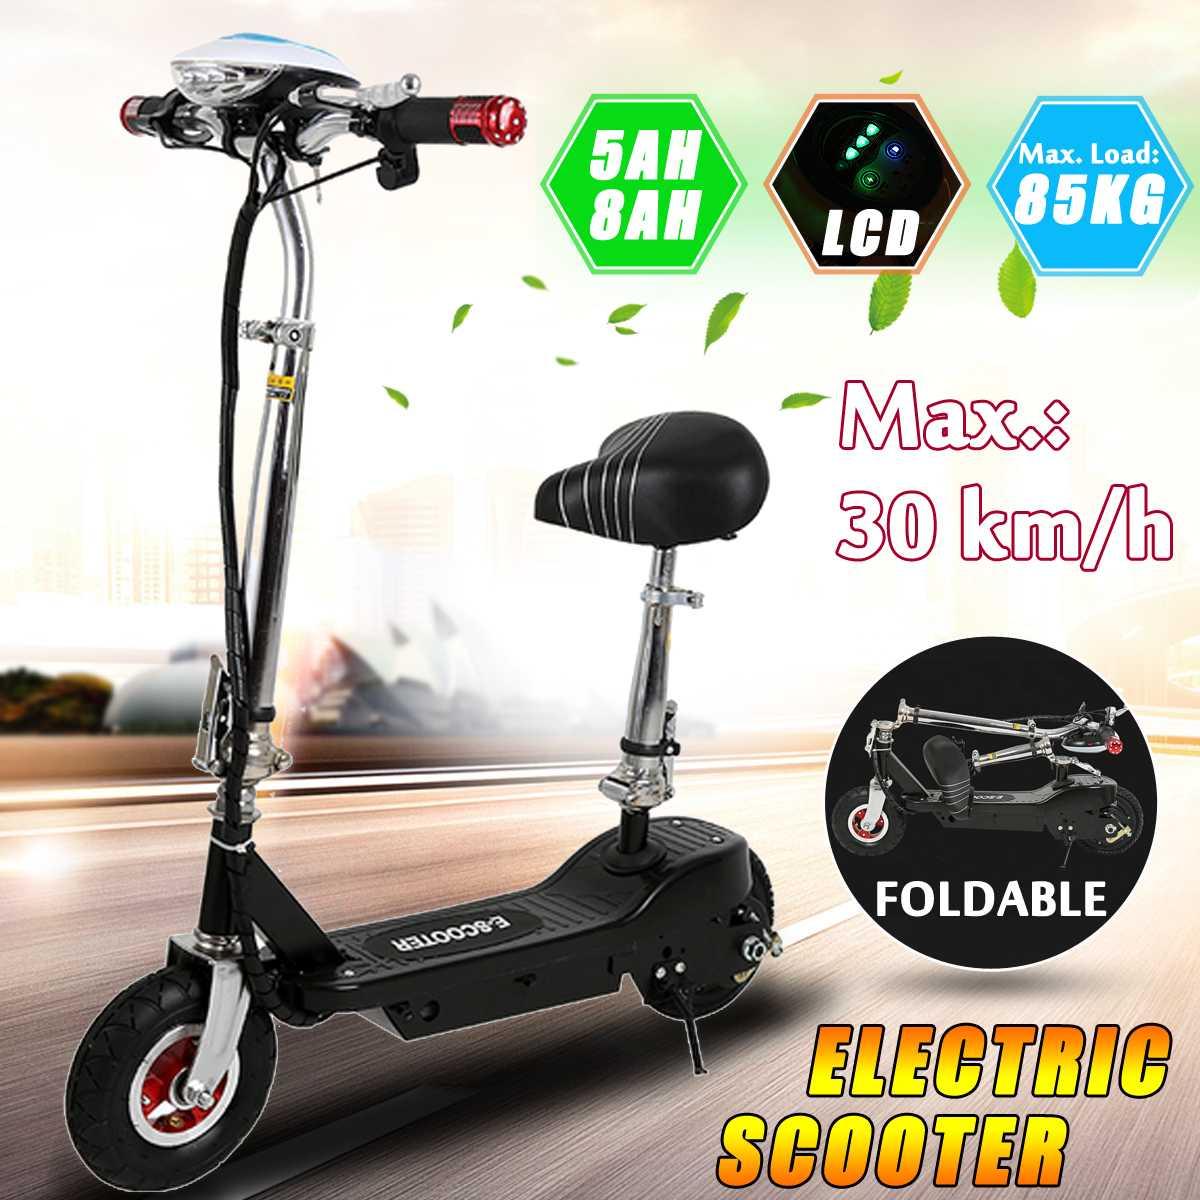 300 W 36 V MINI plegable coche eléctrico Scooter de movilidad con asiento viaje terreno urbano de ciclo adultos